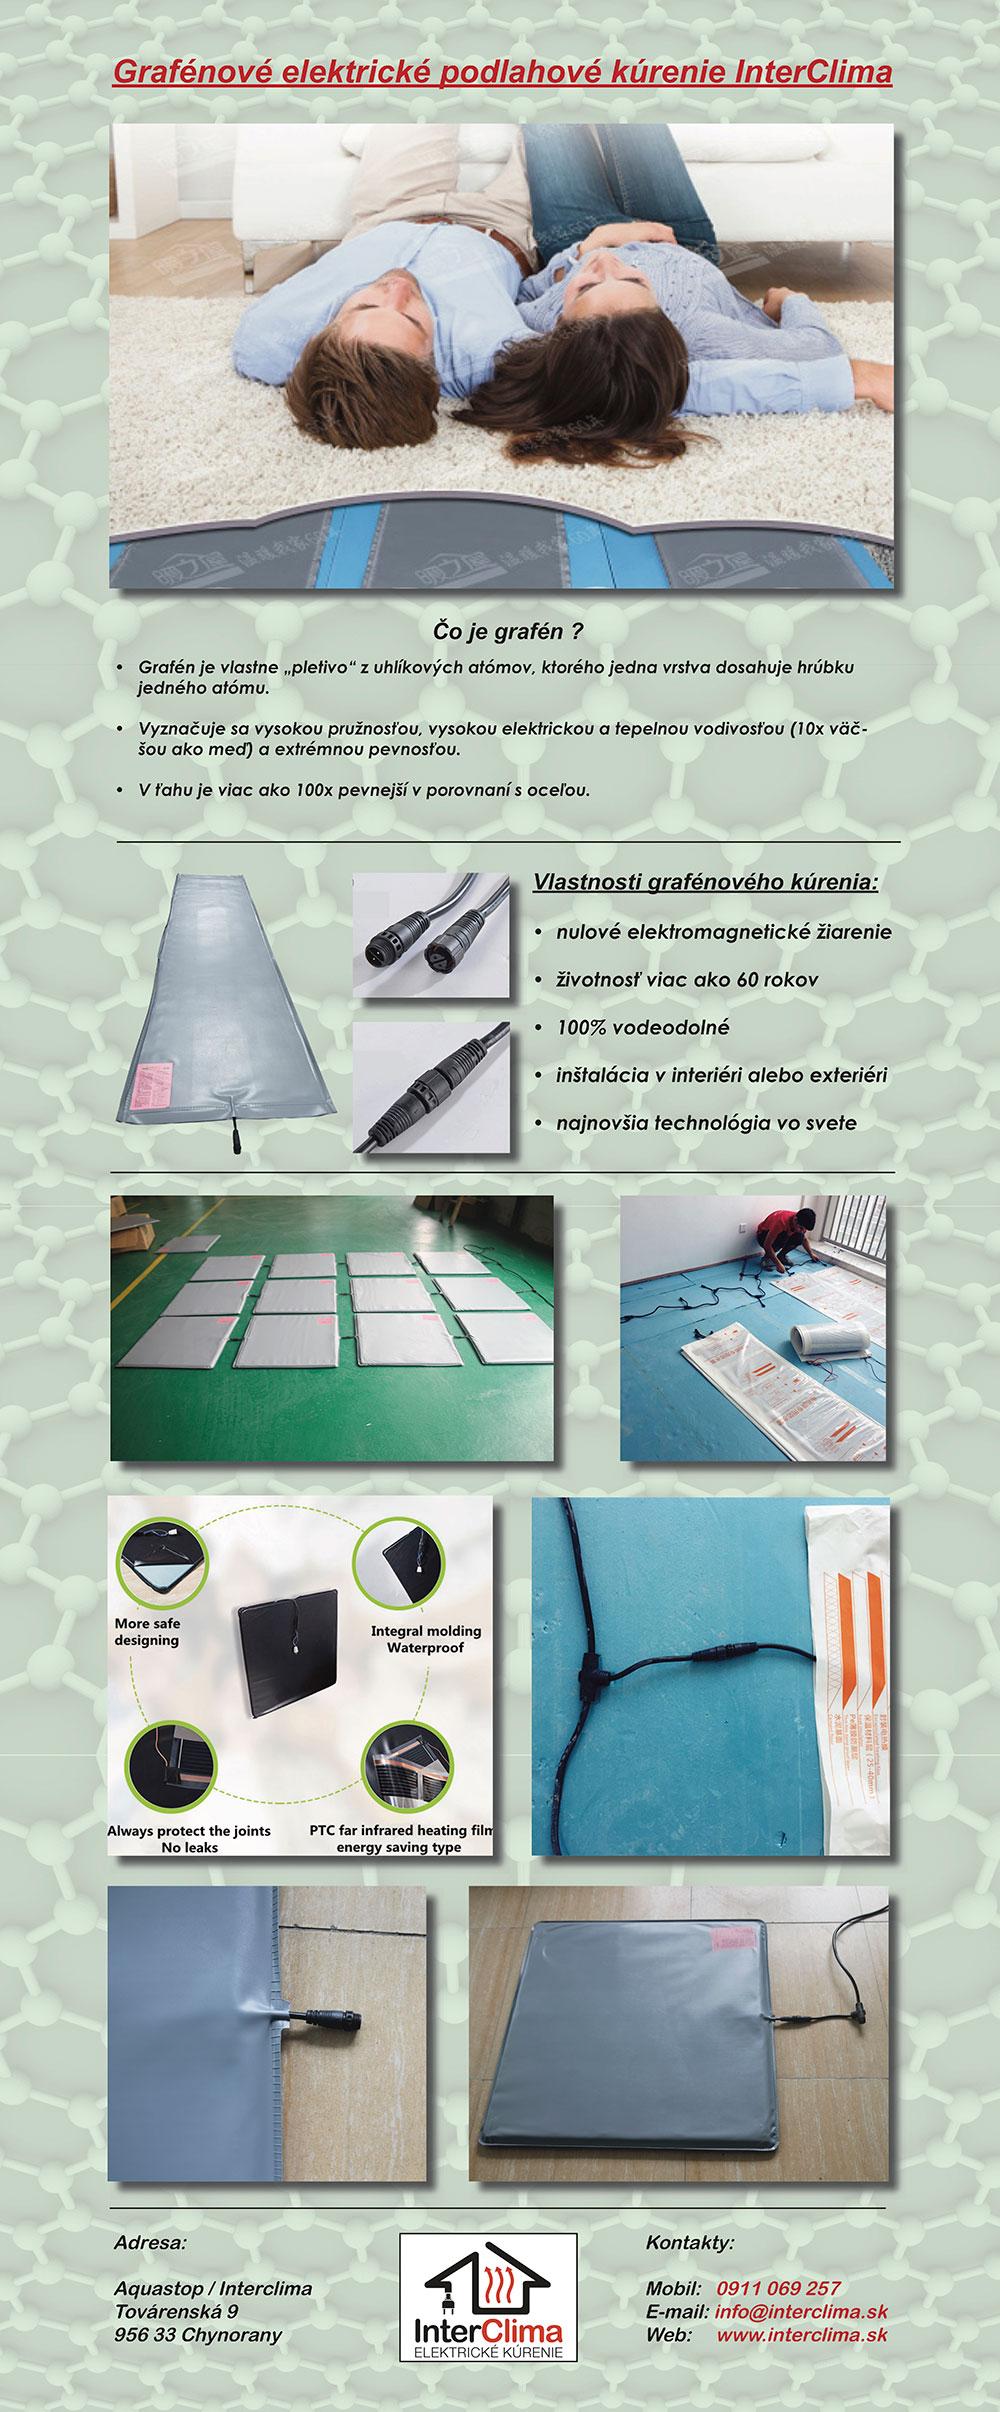 Grafémové elektrické podlahové kúrenie